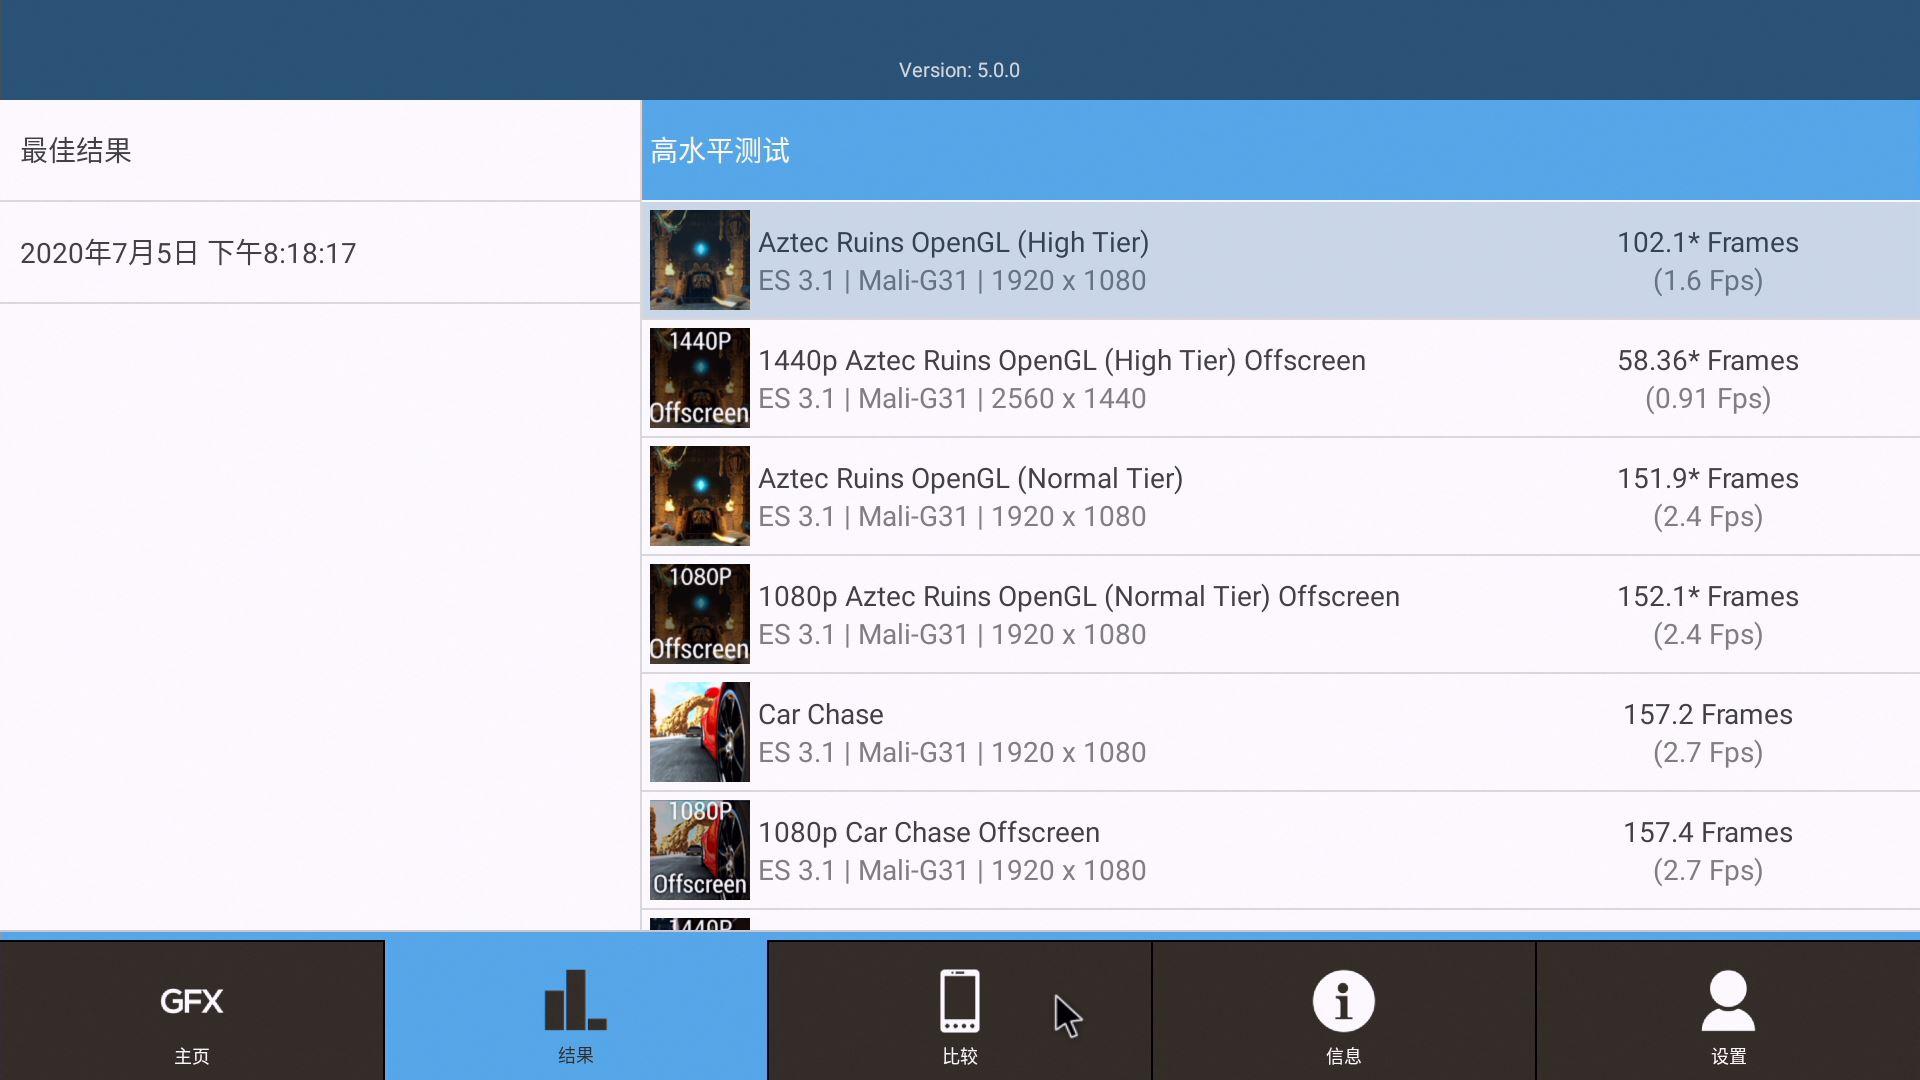 雷爵RockTek G1 4K HDR電視盒-無痛升級Google授權Android TV系統,語音助理免動手 - 95